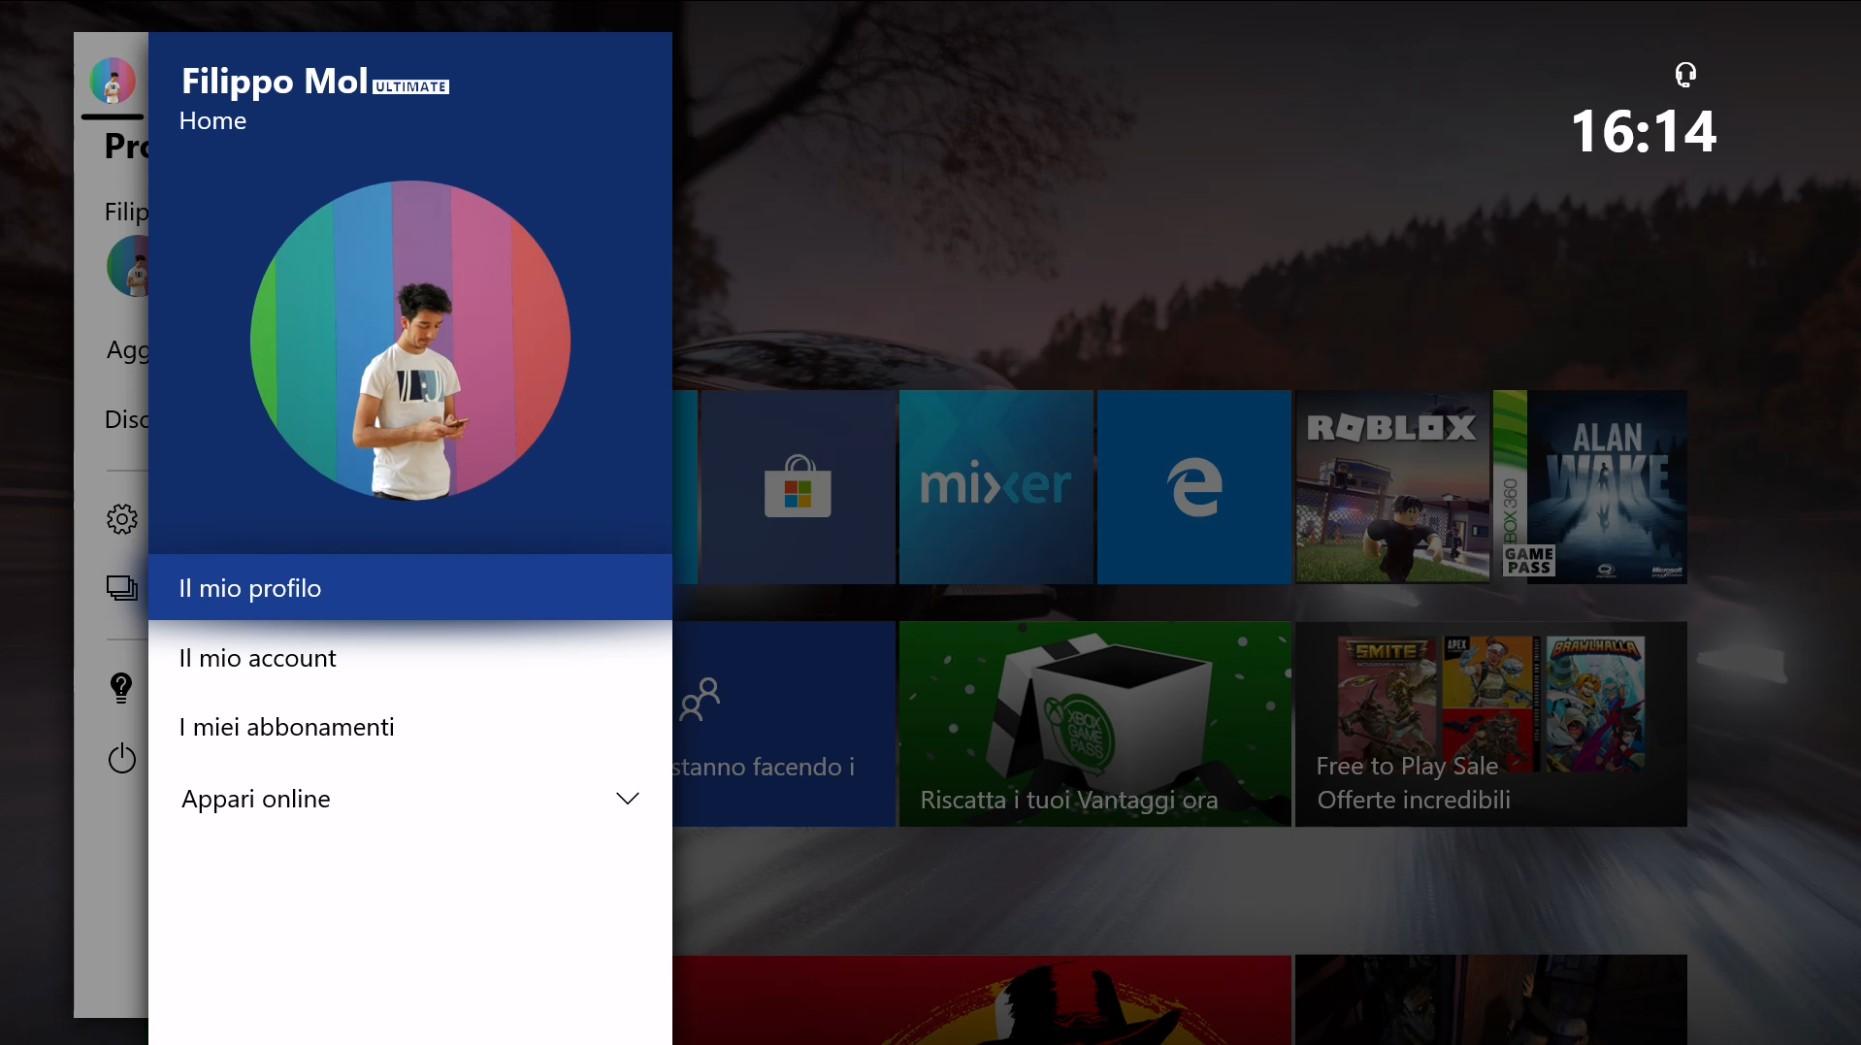 Xbox One aggiornamento di giugno 2020 tag per gli abbonamenti attivi nel nome